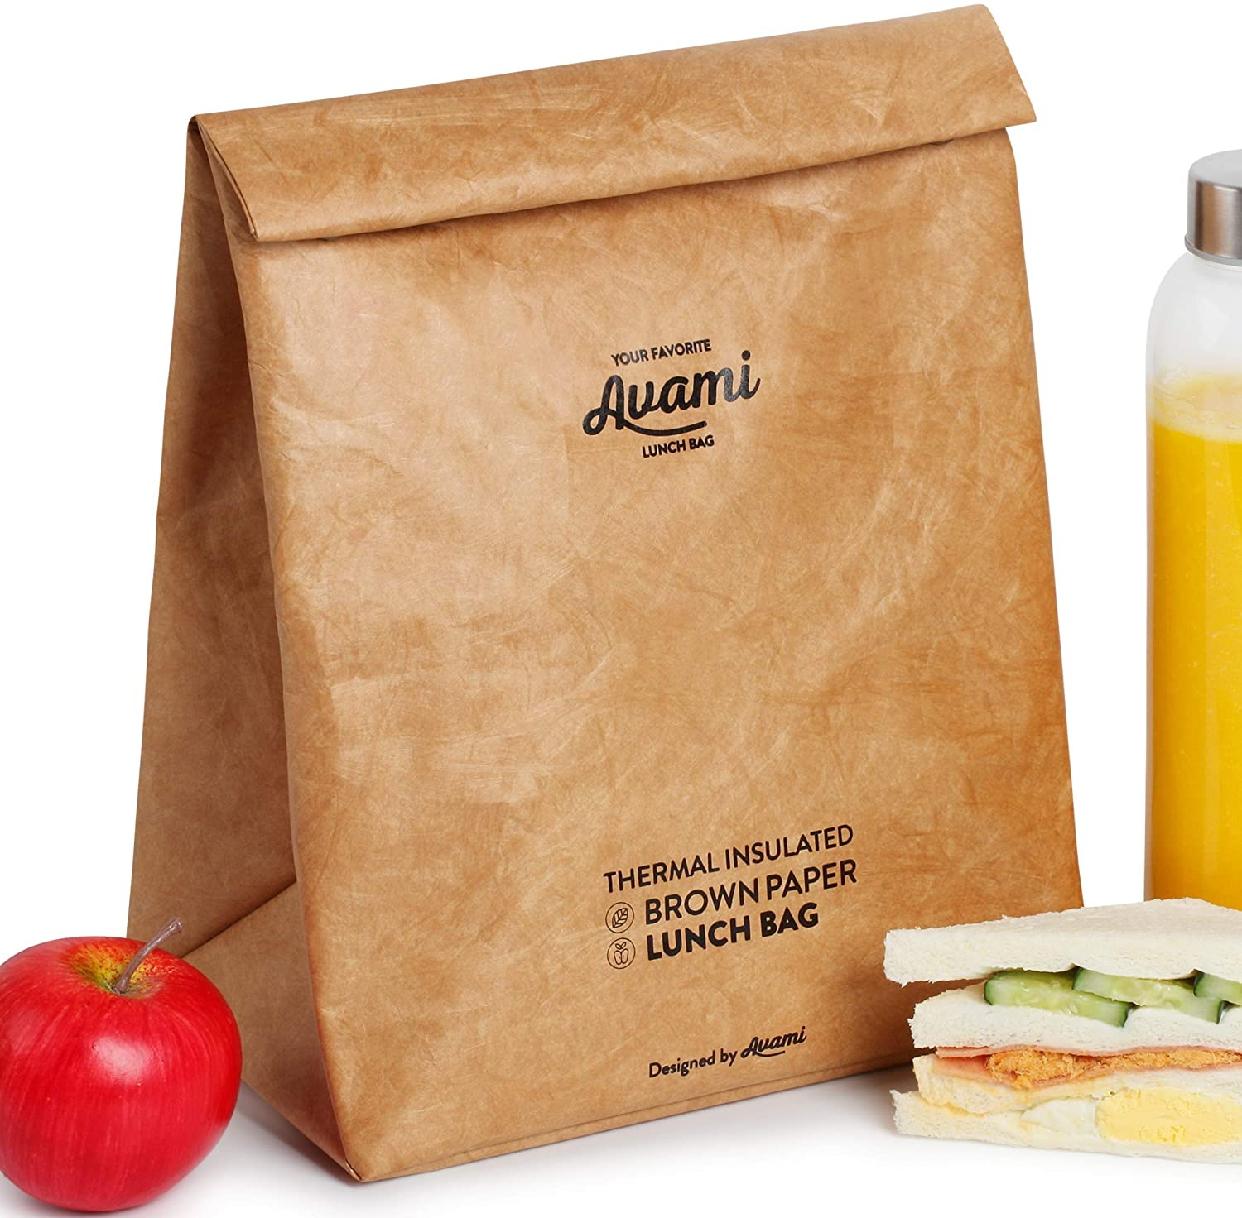 AVAMI(アヴァミ)ブラウンペーパーランチバッグの商品画像